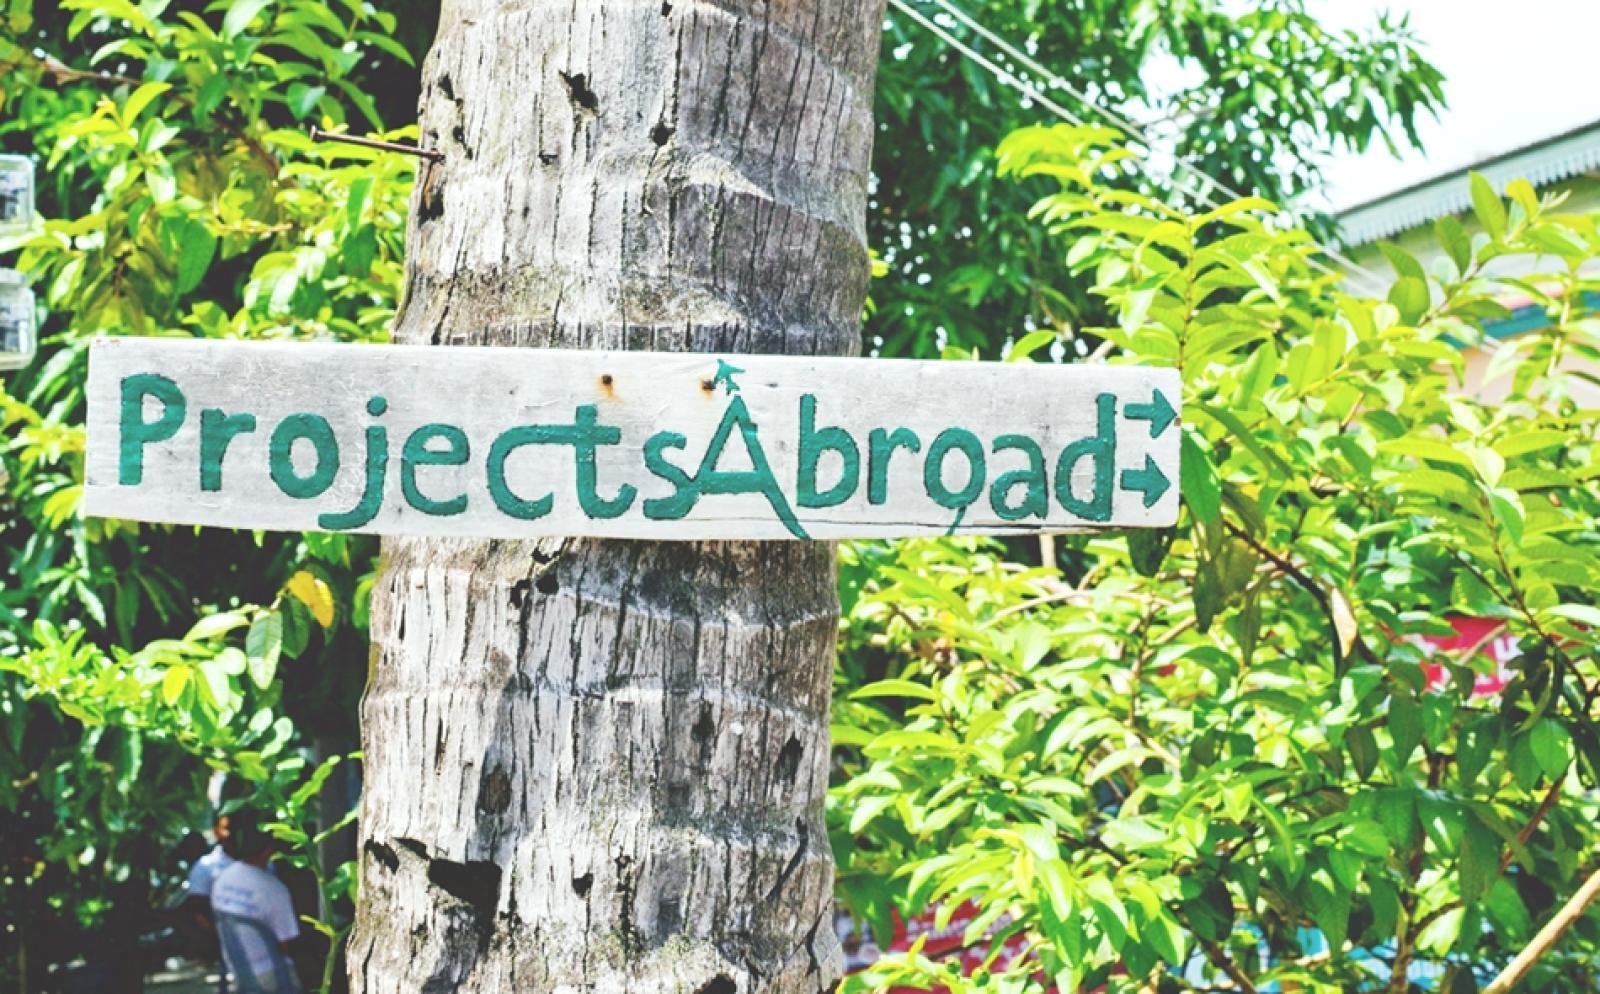 木に付けられたプロジェクトアブロードのサイン